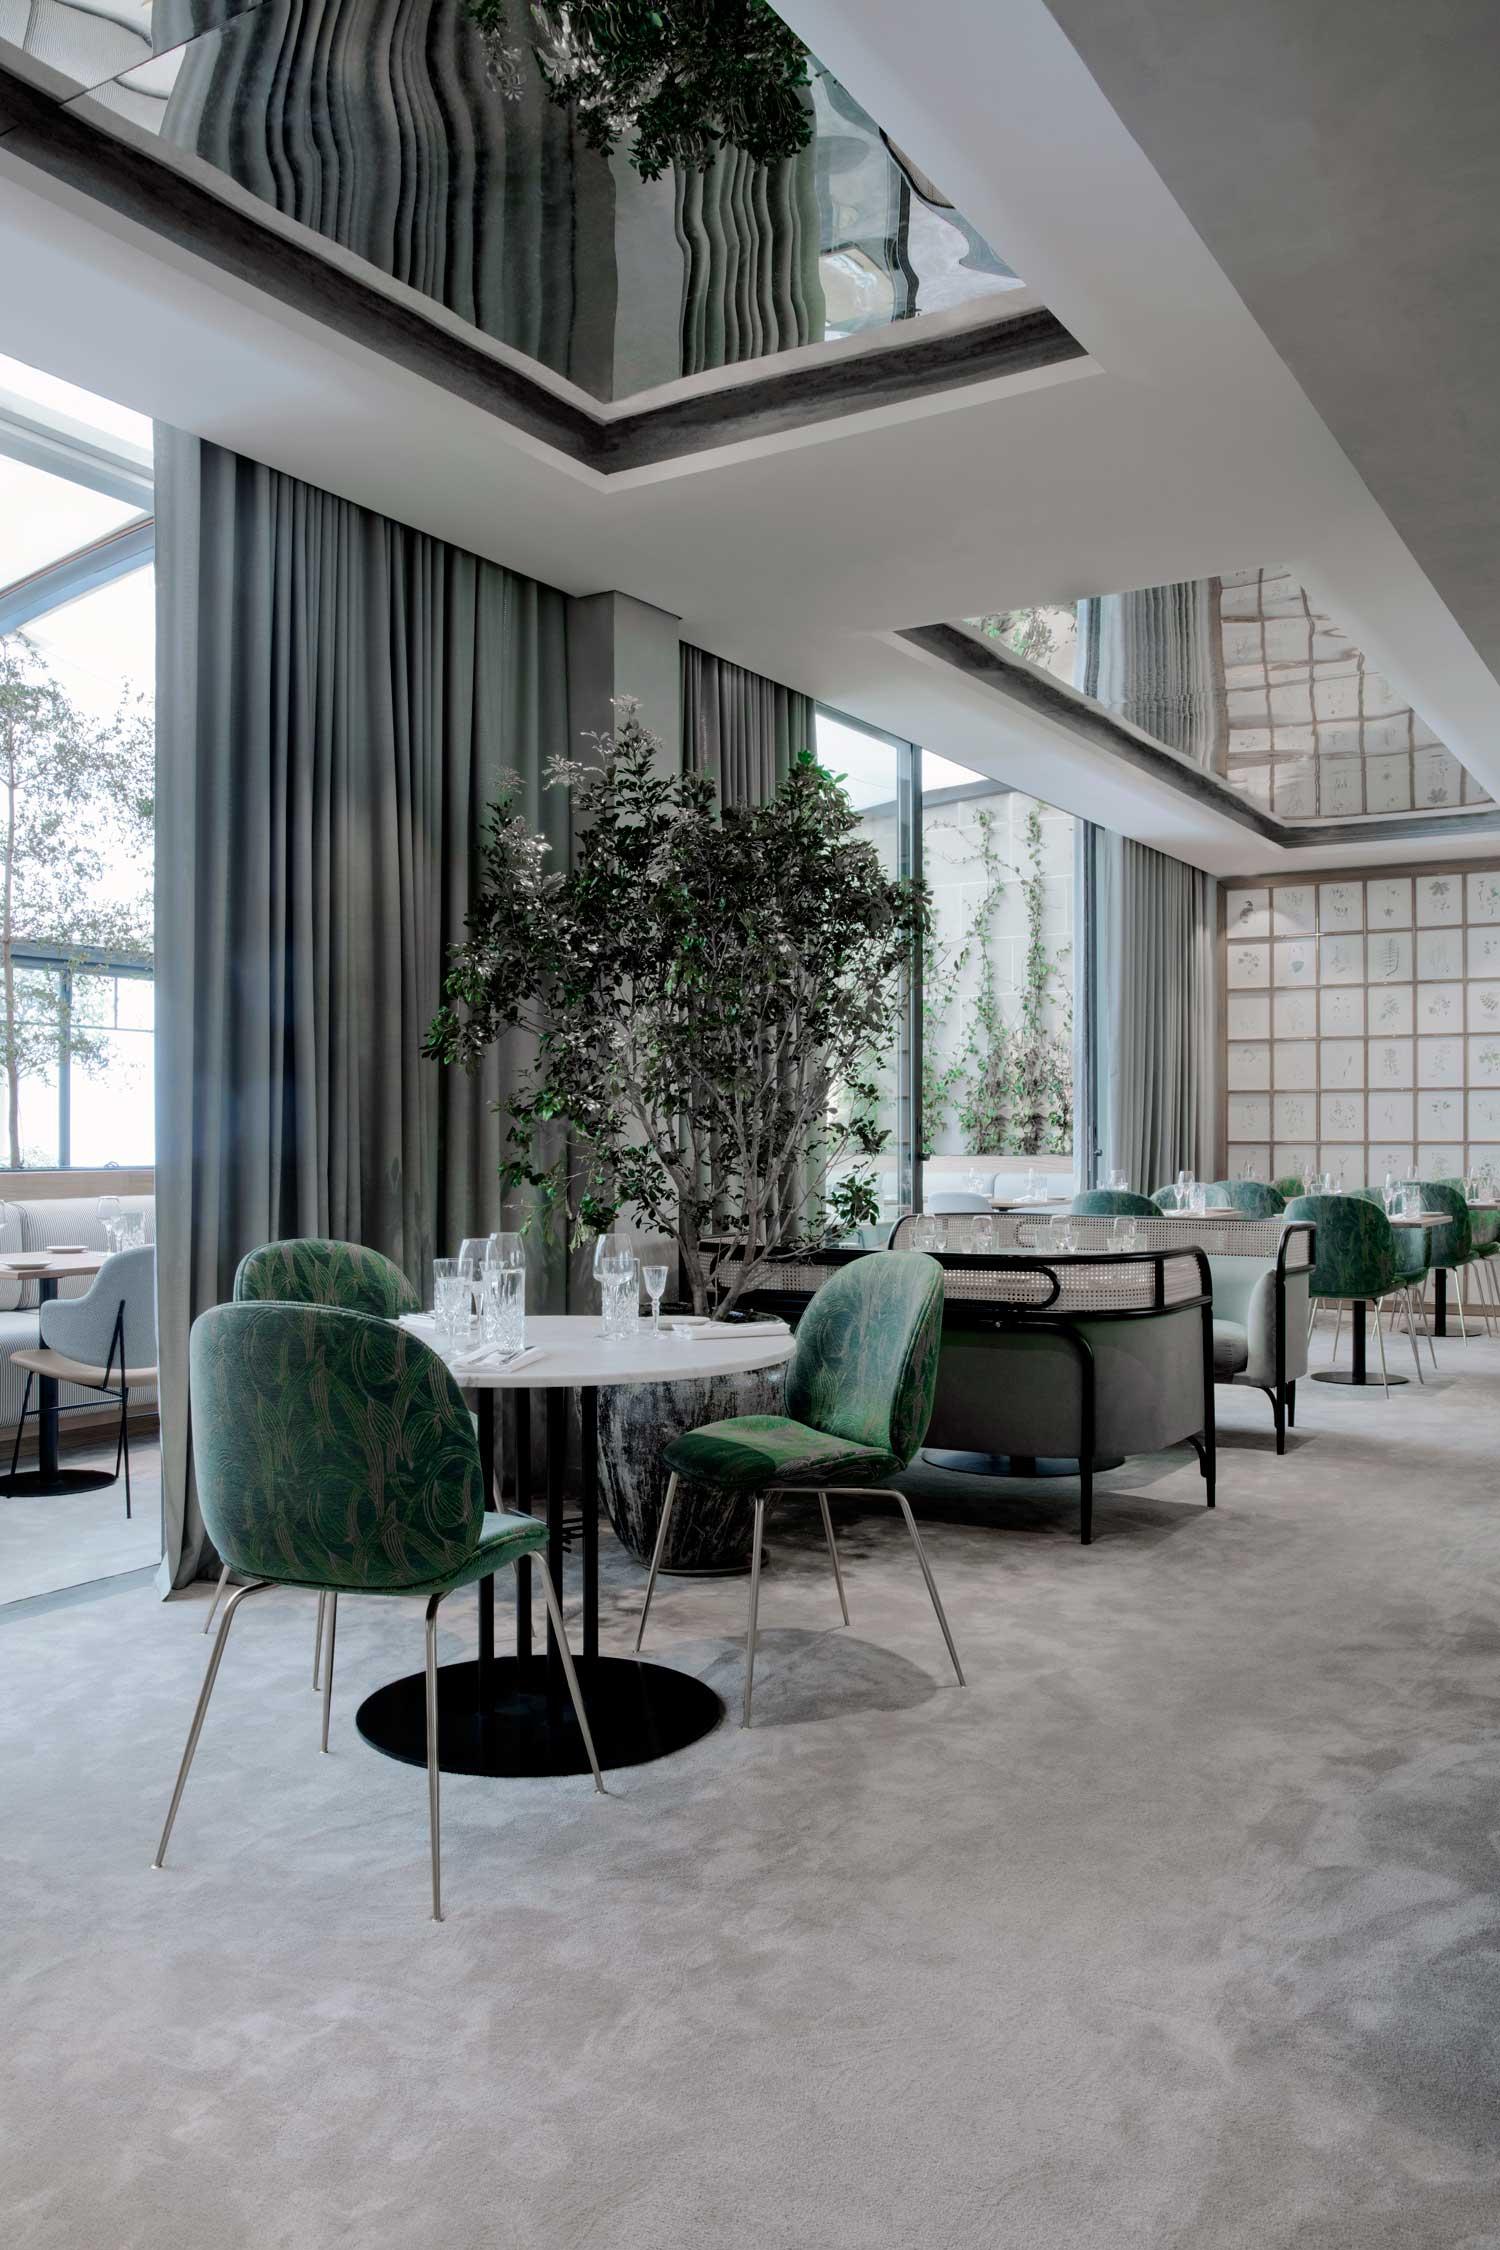 maison du danemark house of denmark in paris by gubi. Black Bedroom Furniture Sets. Home Design Ideas